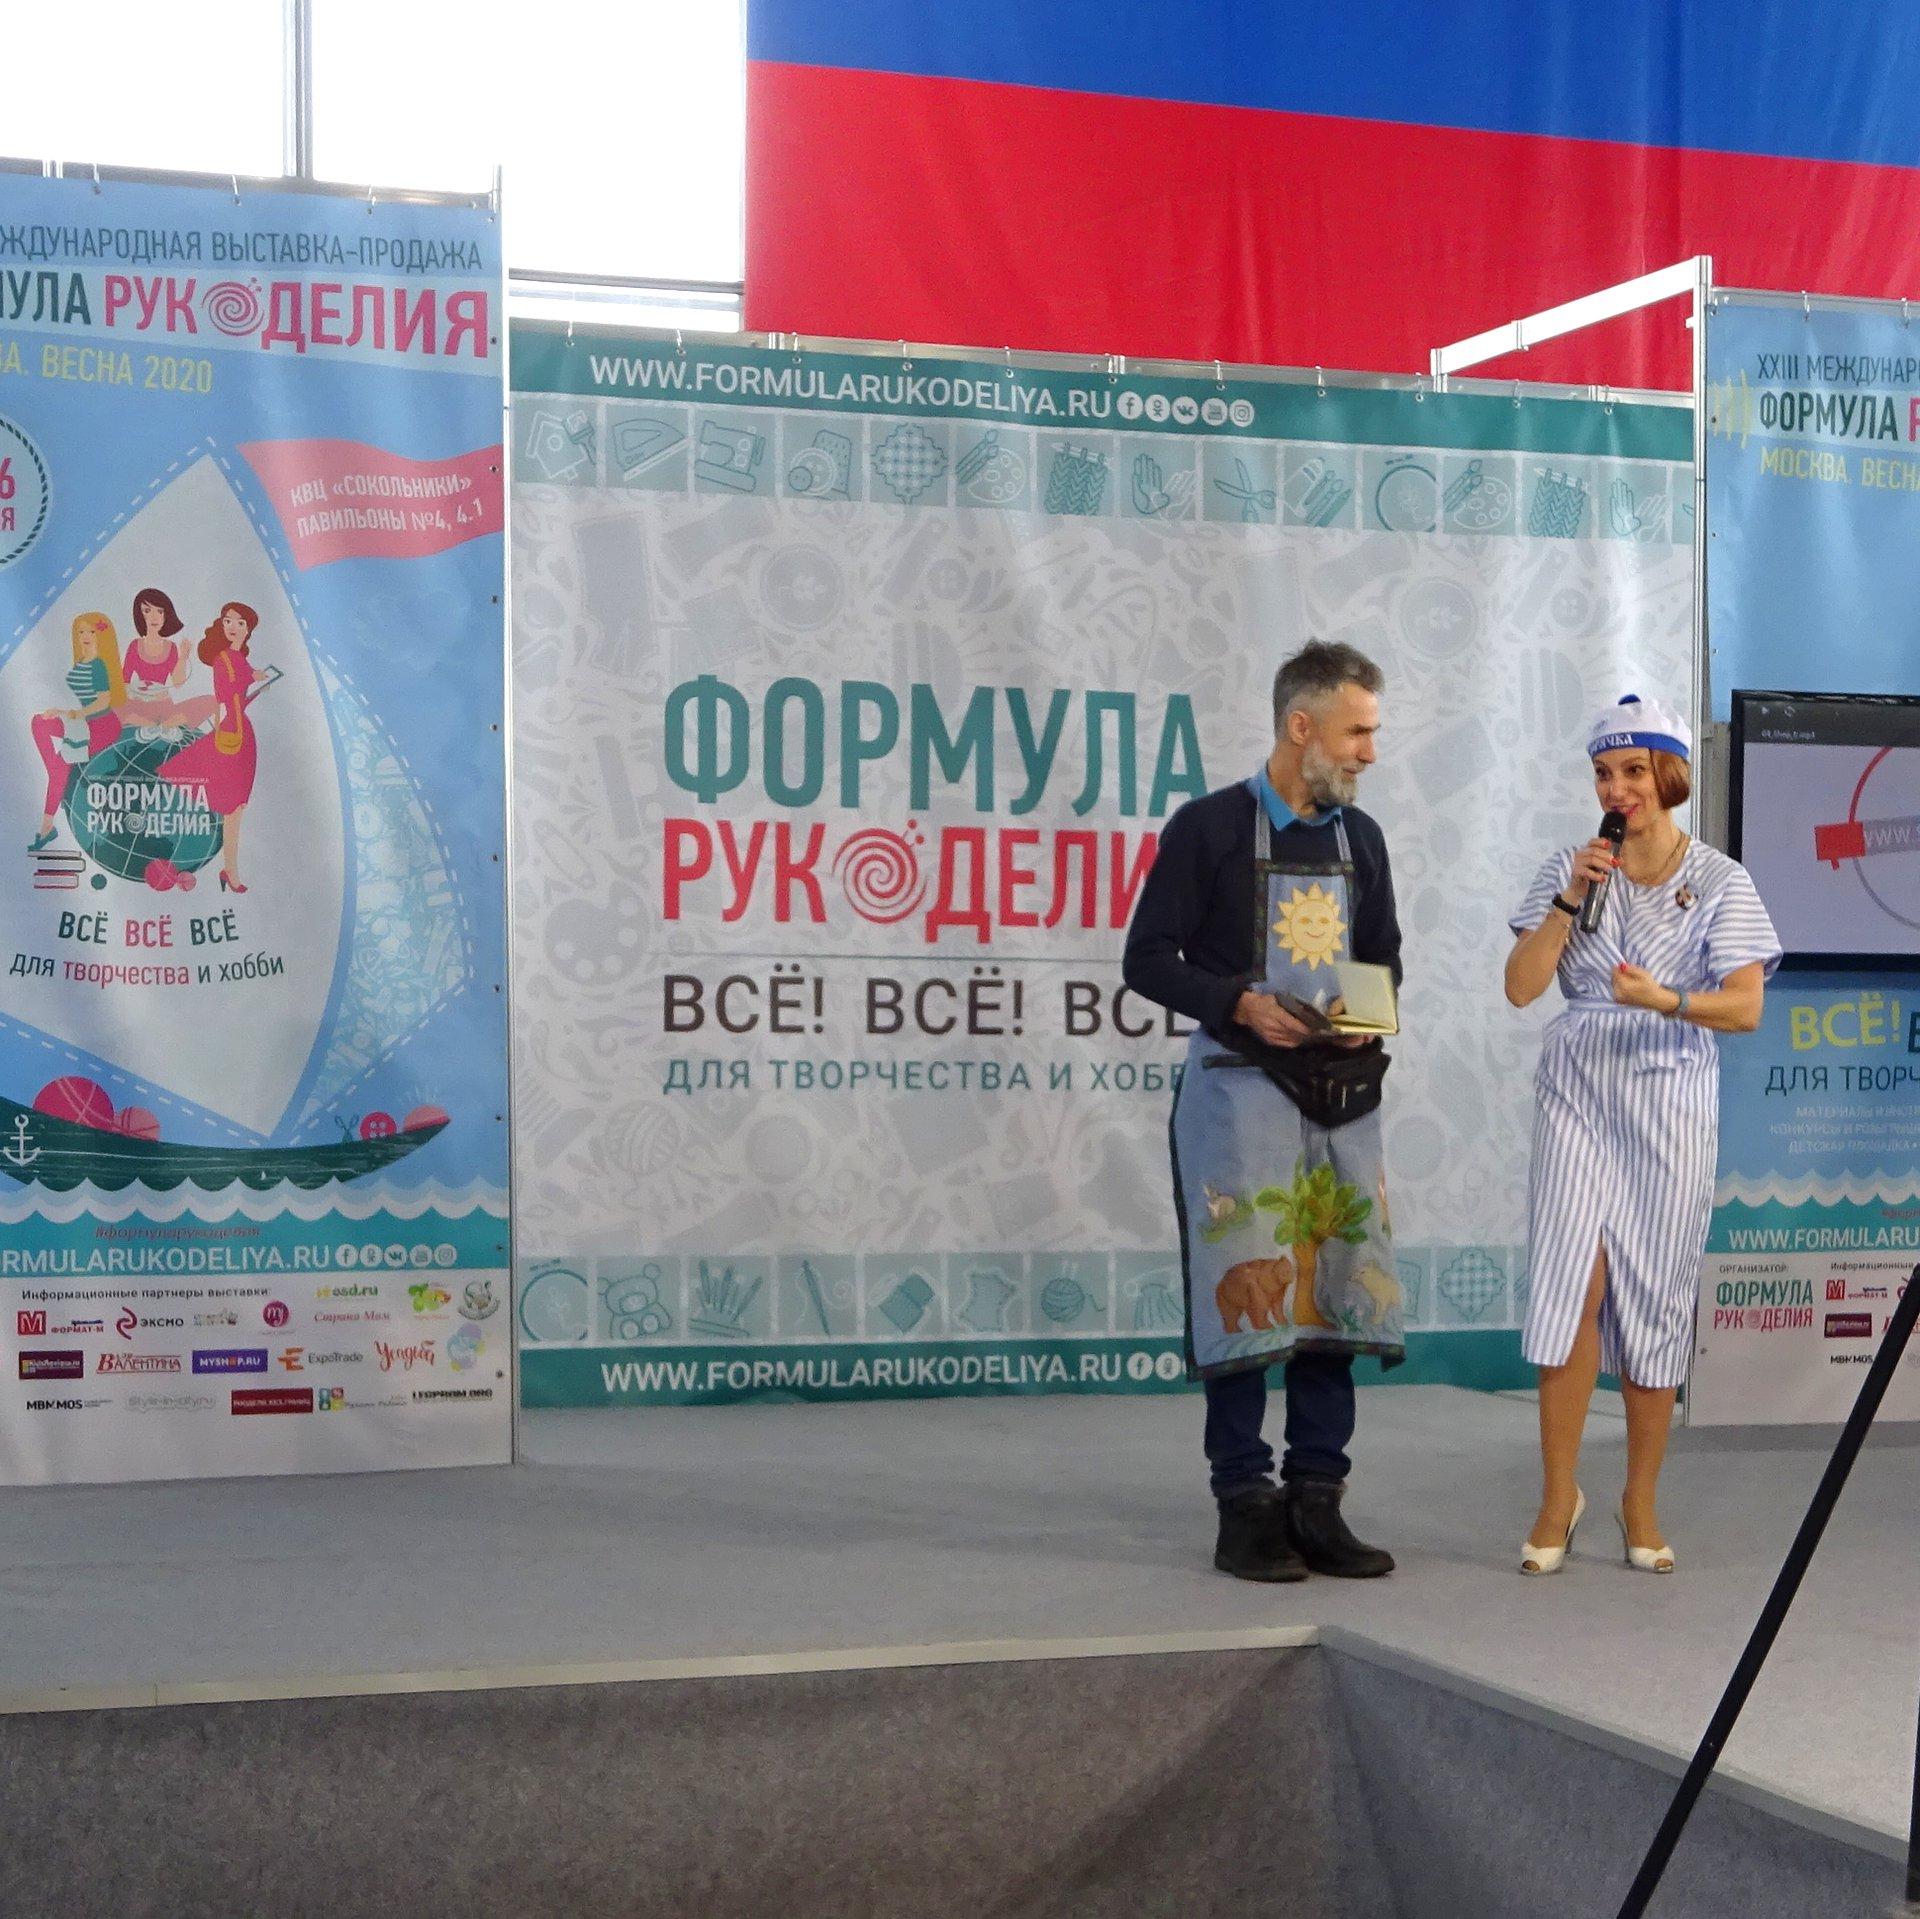 """Наш фоторепортаж с """"Формулы Рукоделия"""" - Весна 2020"""